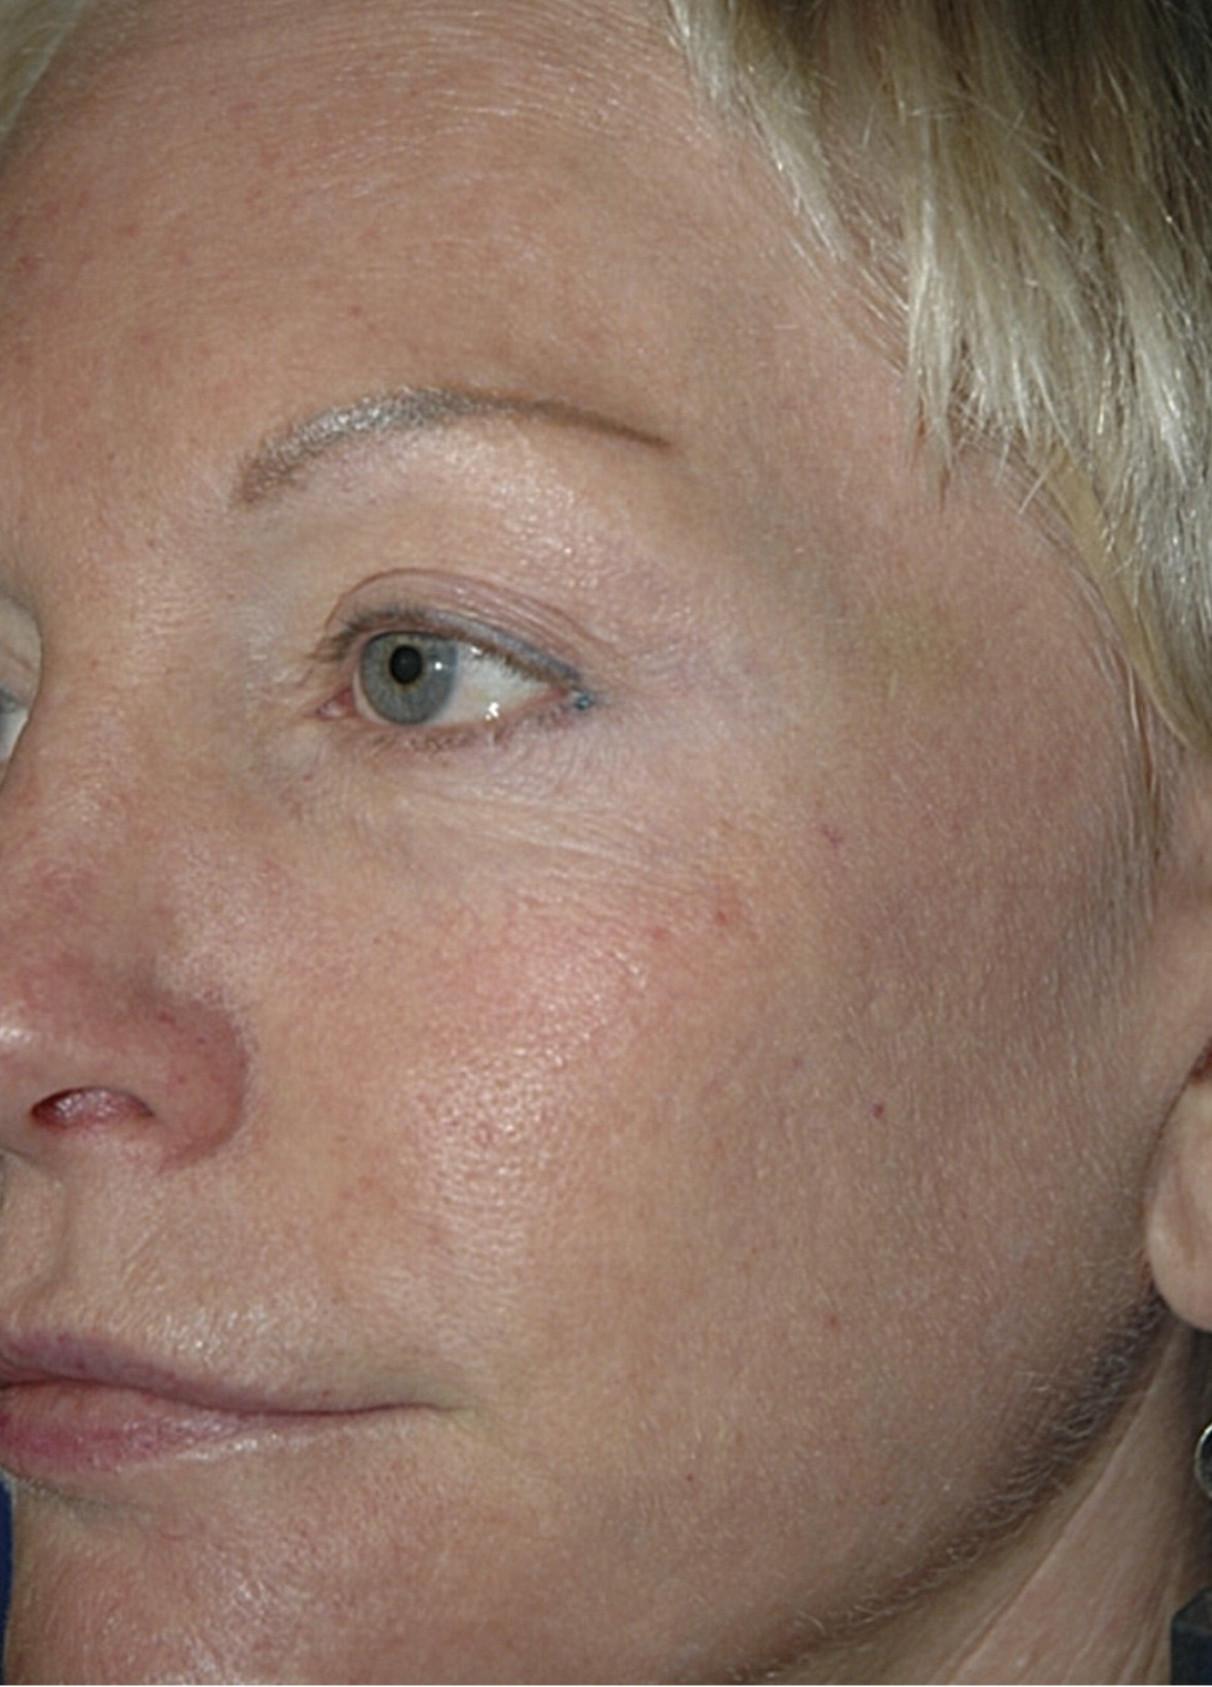 Лазерное омоложение лица fraxel restore отзывы лазерная эпиляция зоны экстра-бикини отзывы